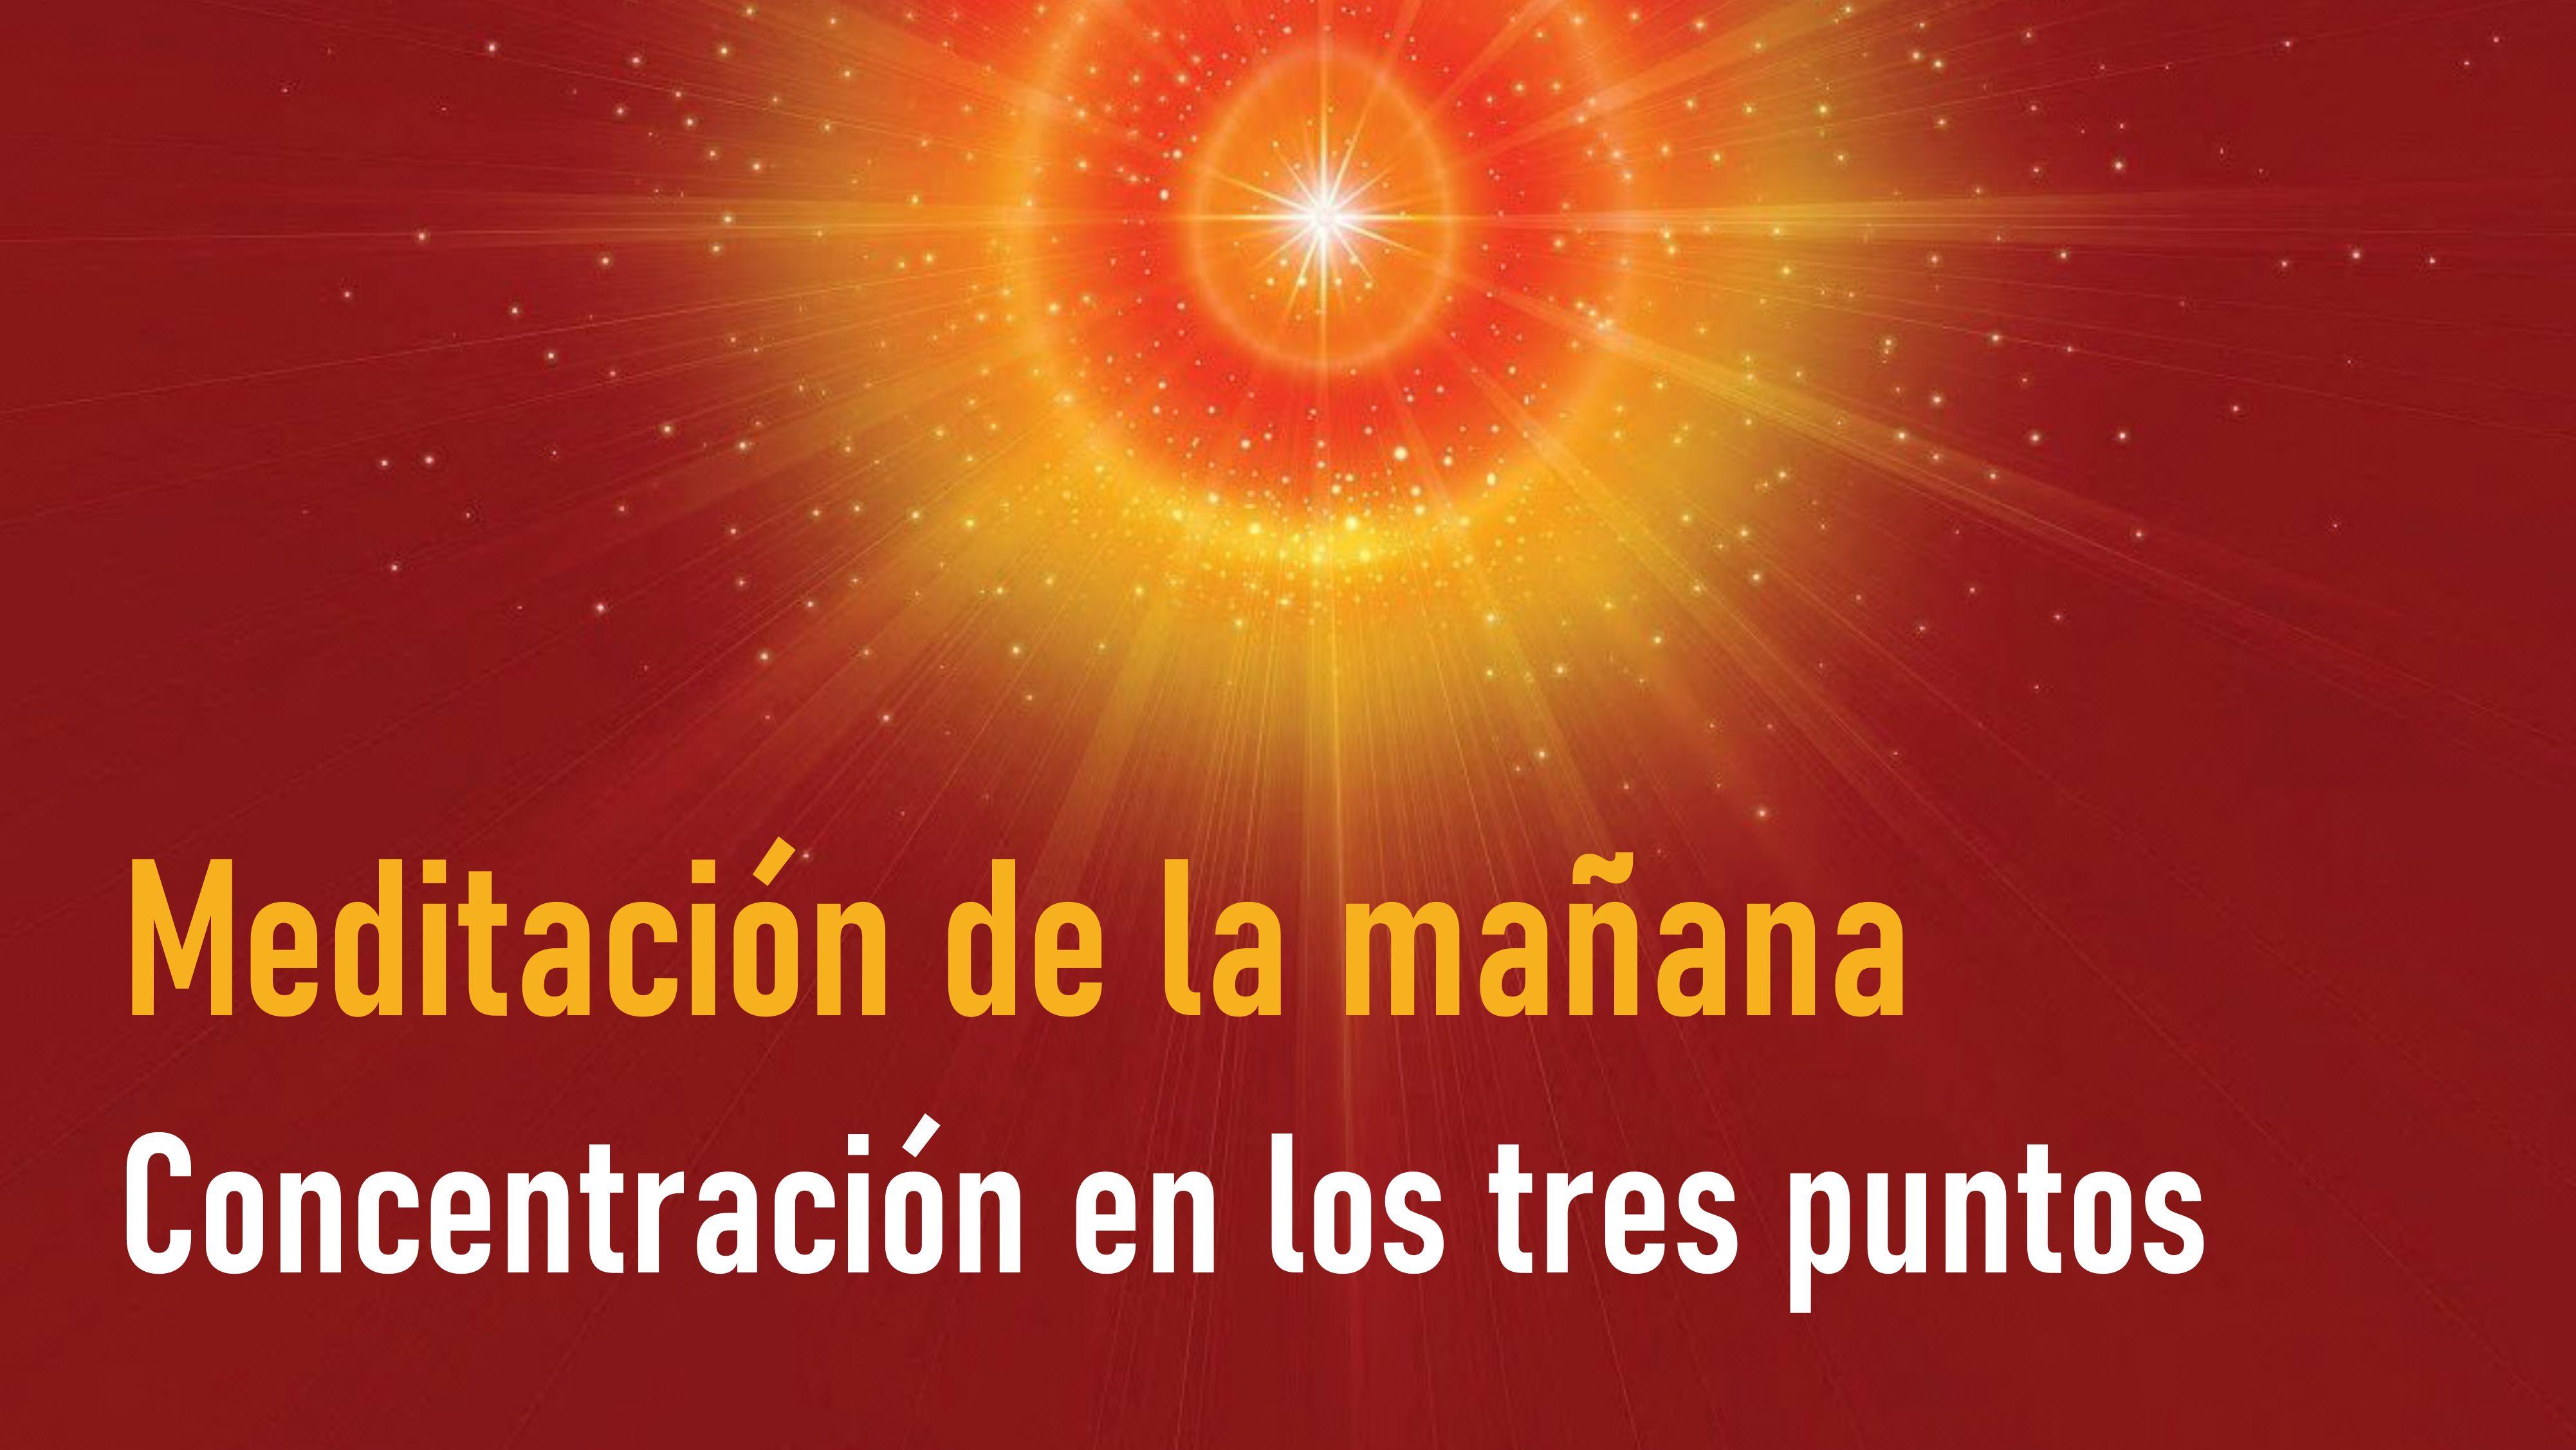 Meditación de la mañana Raja Yoga: Concentración en los tres puntos (12 Octubre 2020)